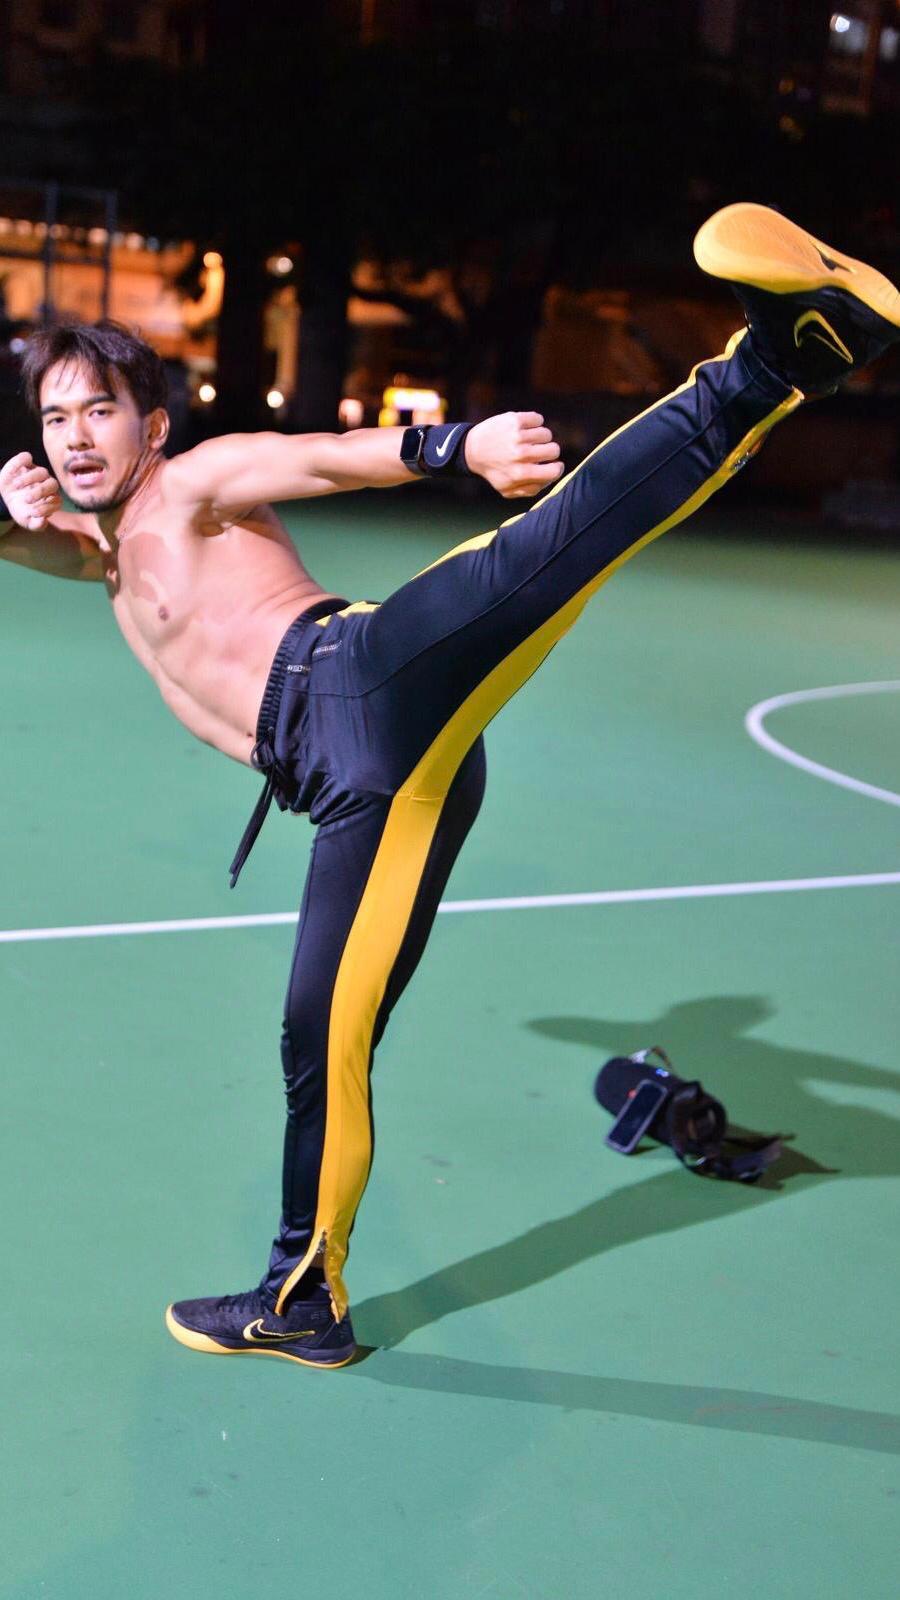 熱愛運動和武術的Andrew,每日都會練習,亦有教班。